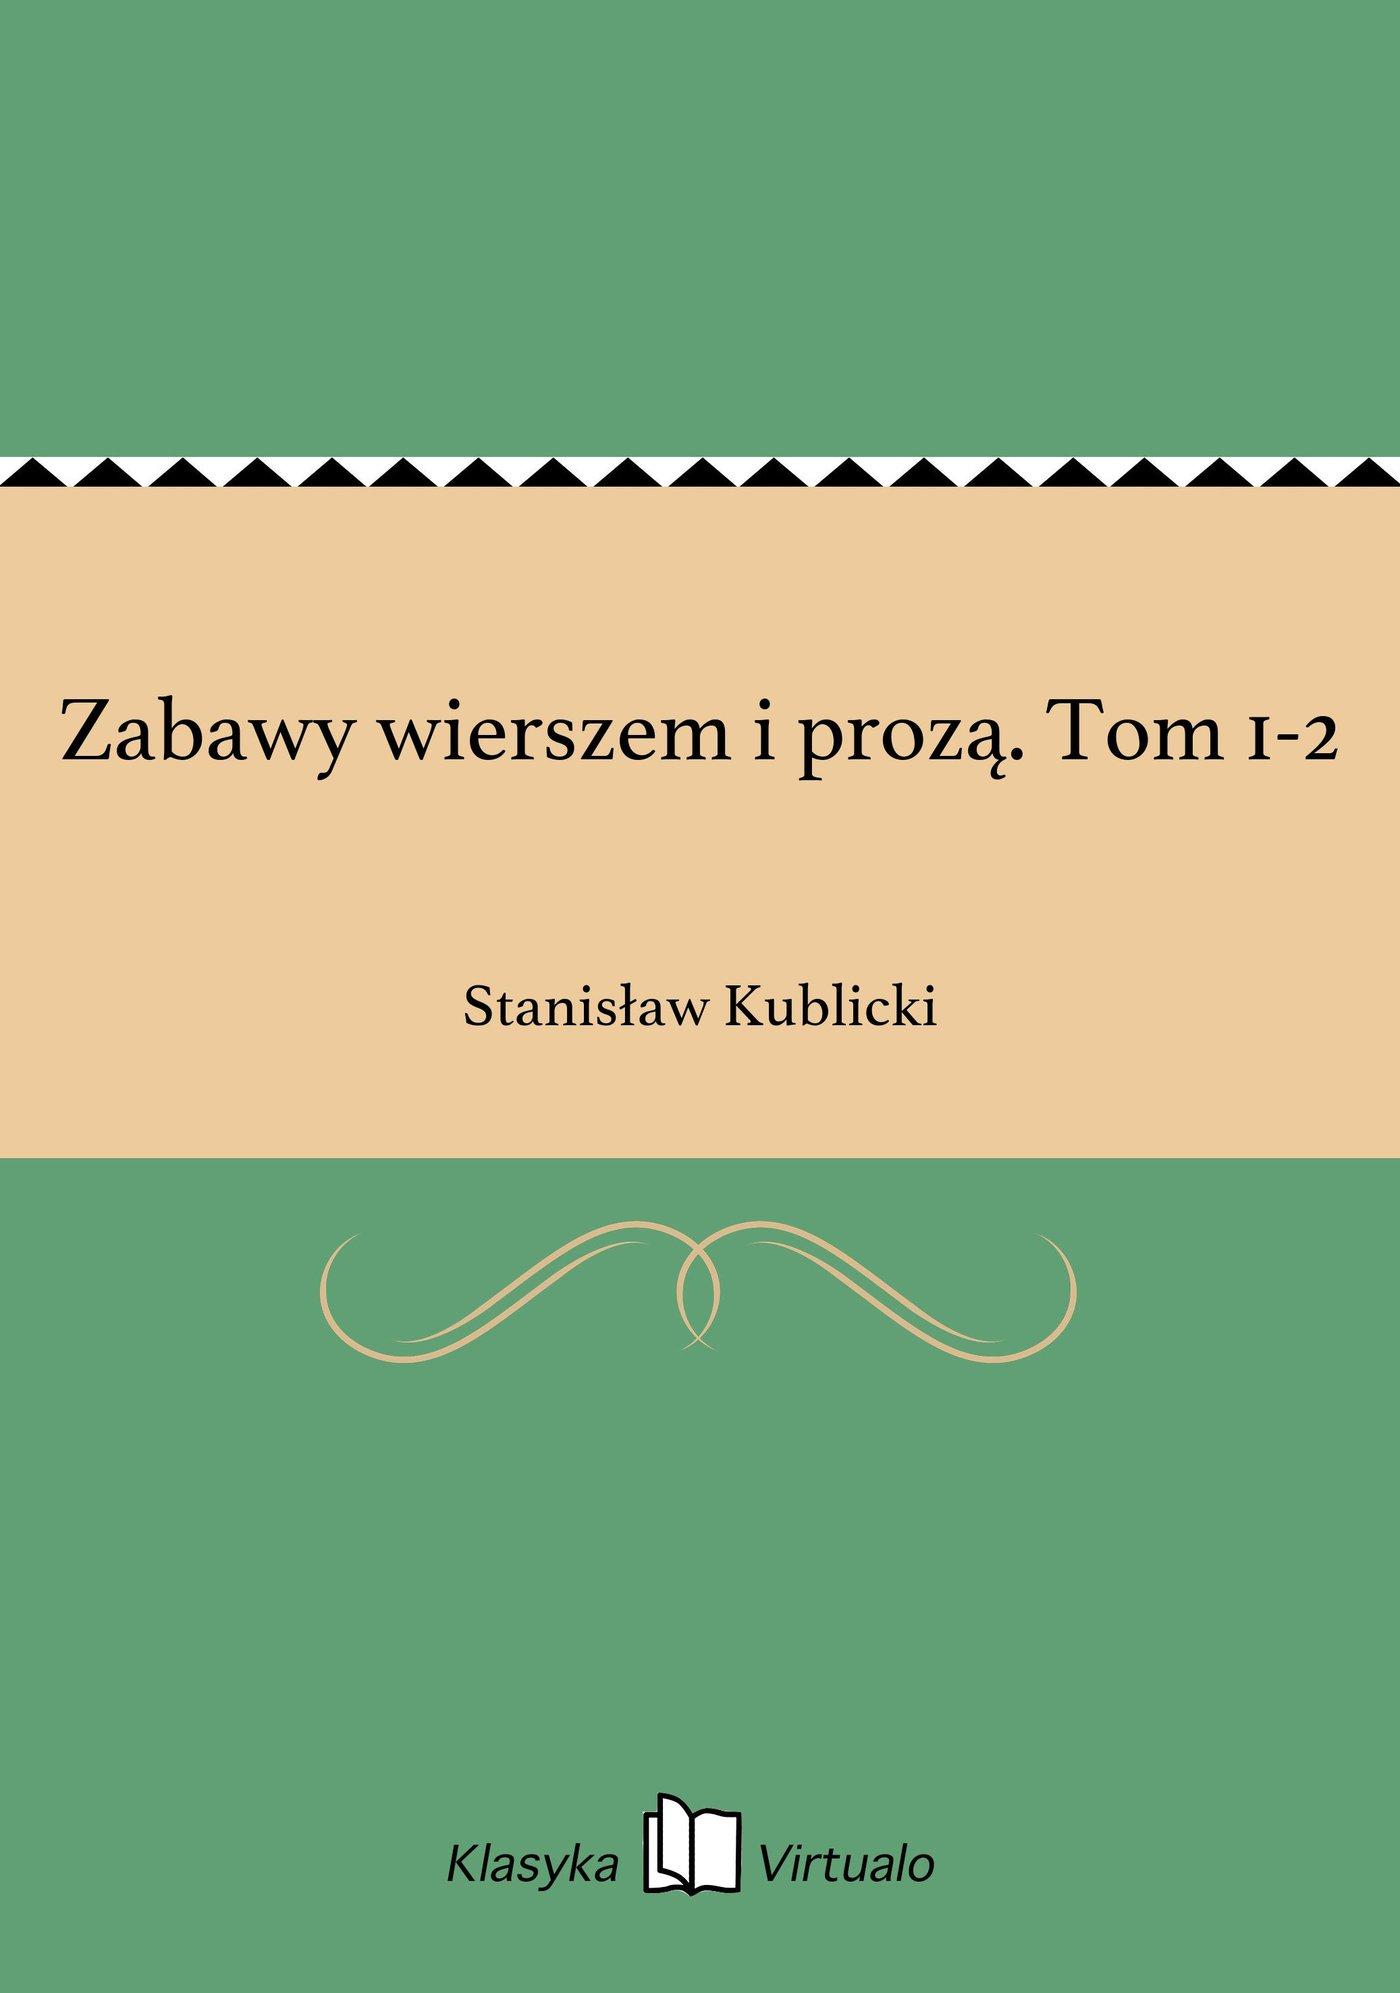 Zabawy wierszem i prozą. Tom 1-2 - Ebook (Książka EPUB) do pobrania w formacie EPUB